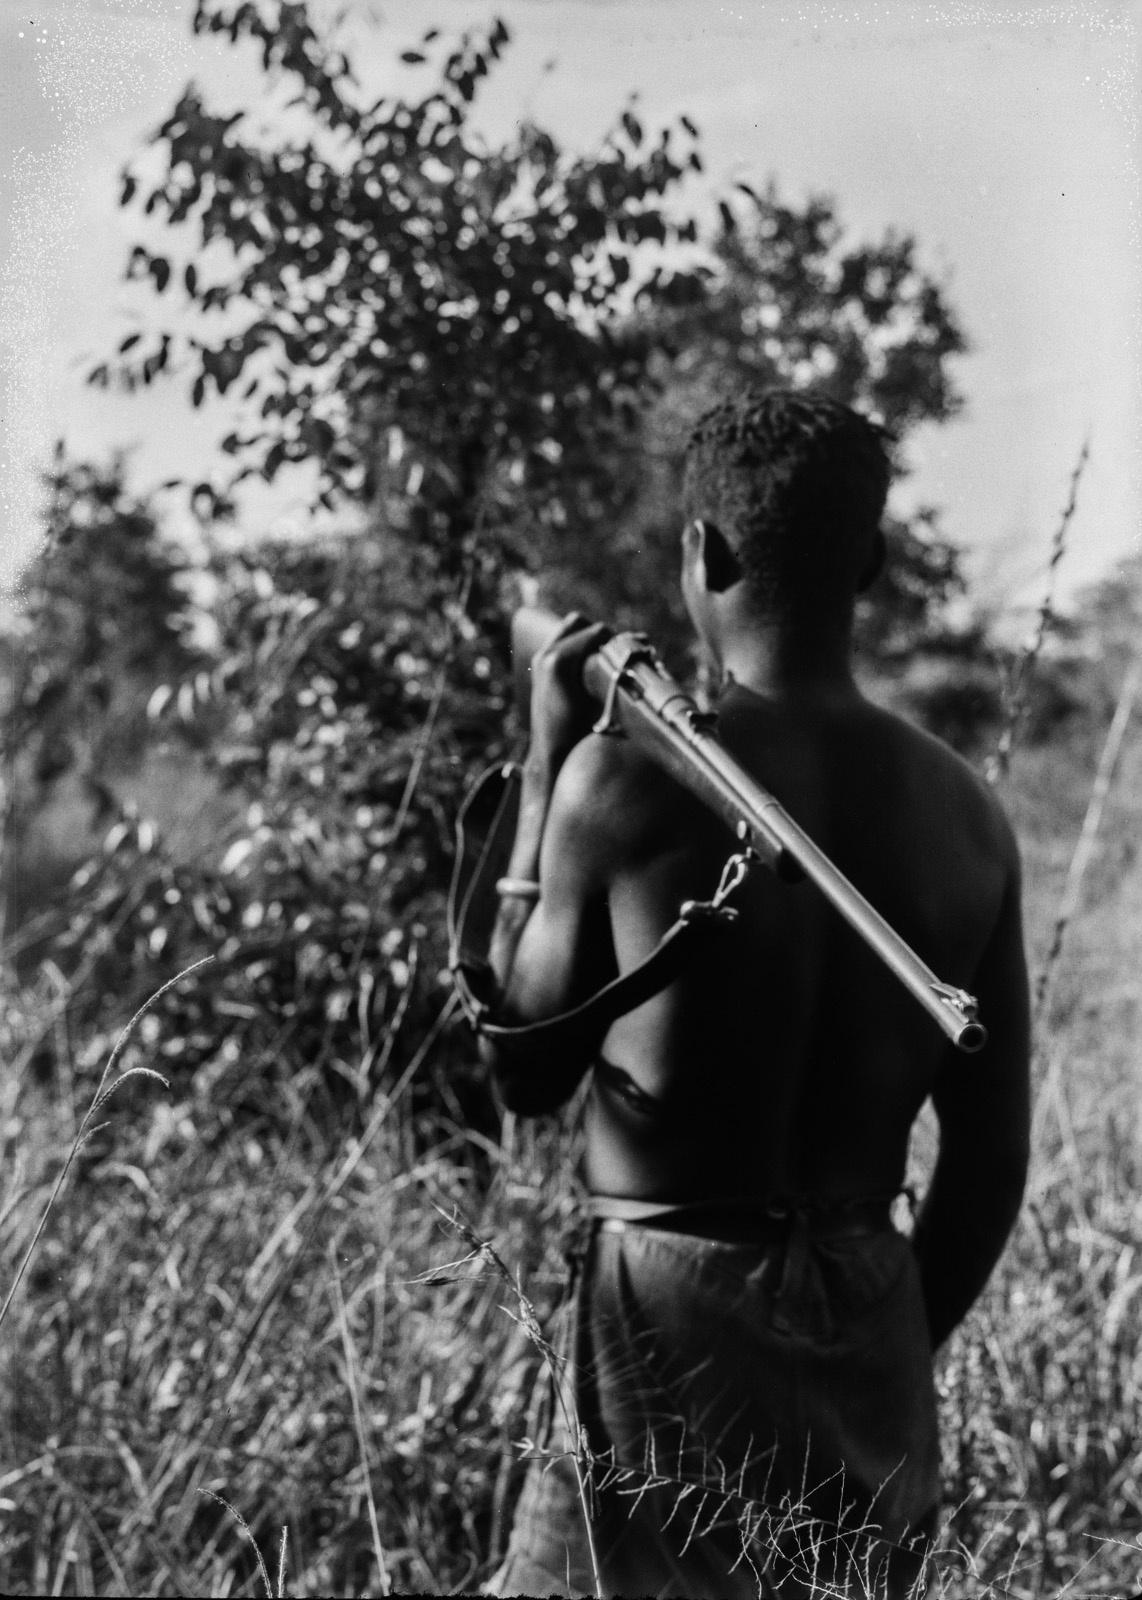 Касемпа. Абориген с ружьем в высокой траве